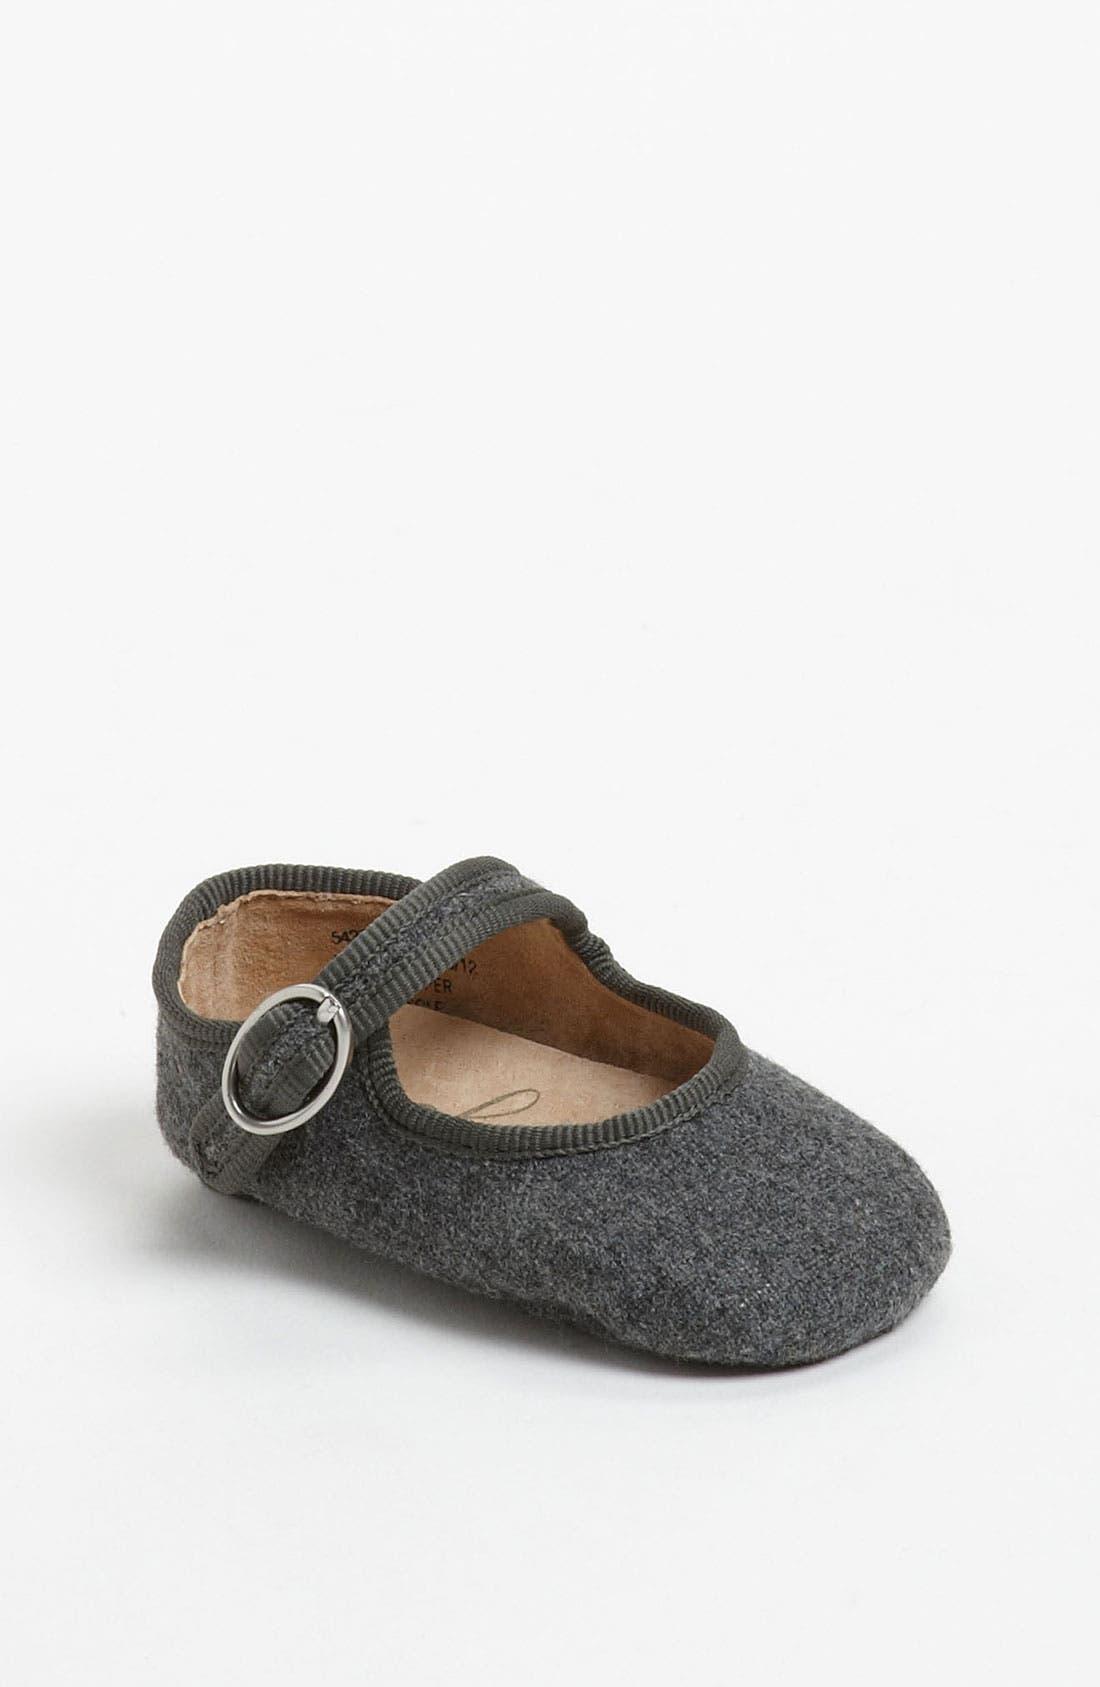 Alternate Image 1 Selected - Peek 'Baby Poet' Crib Shoe (Baby)